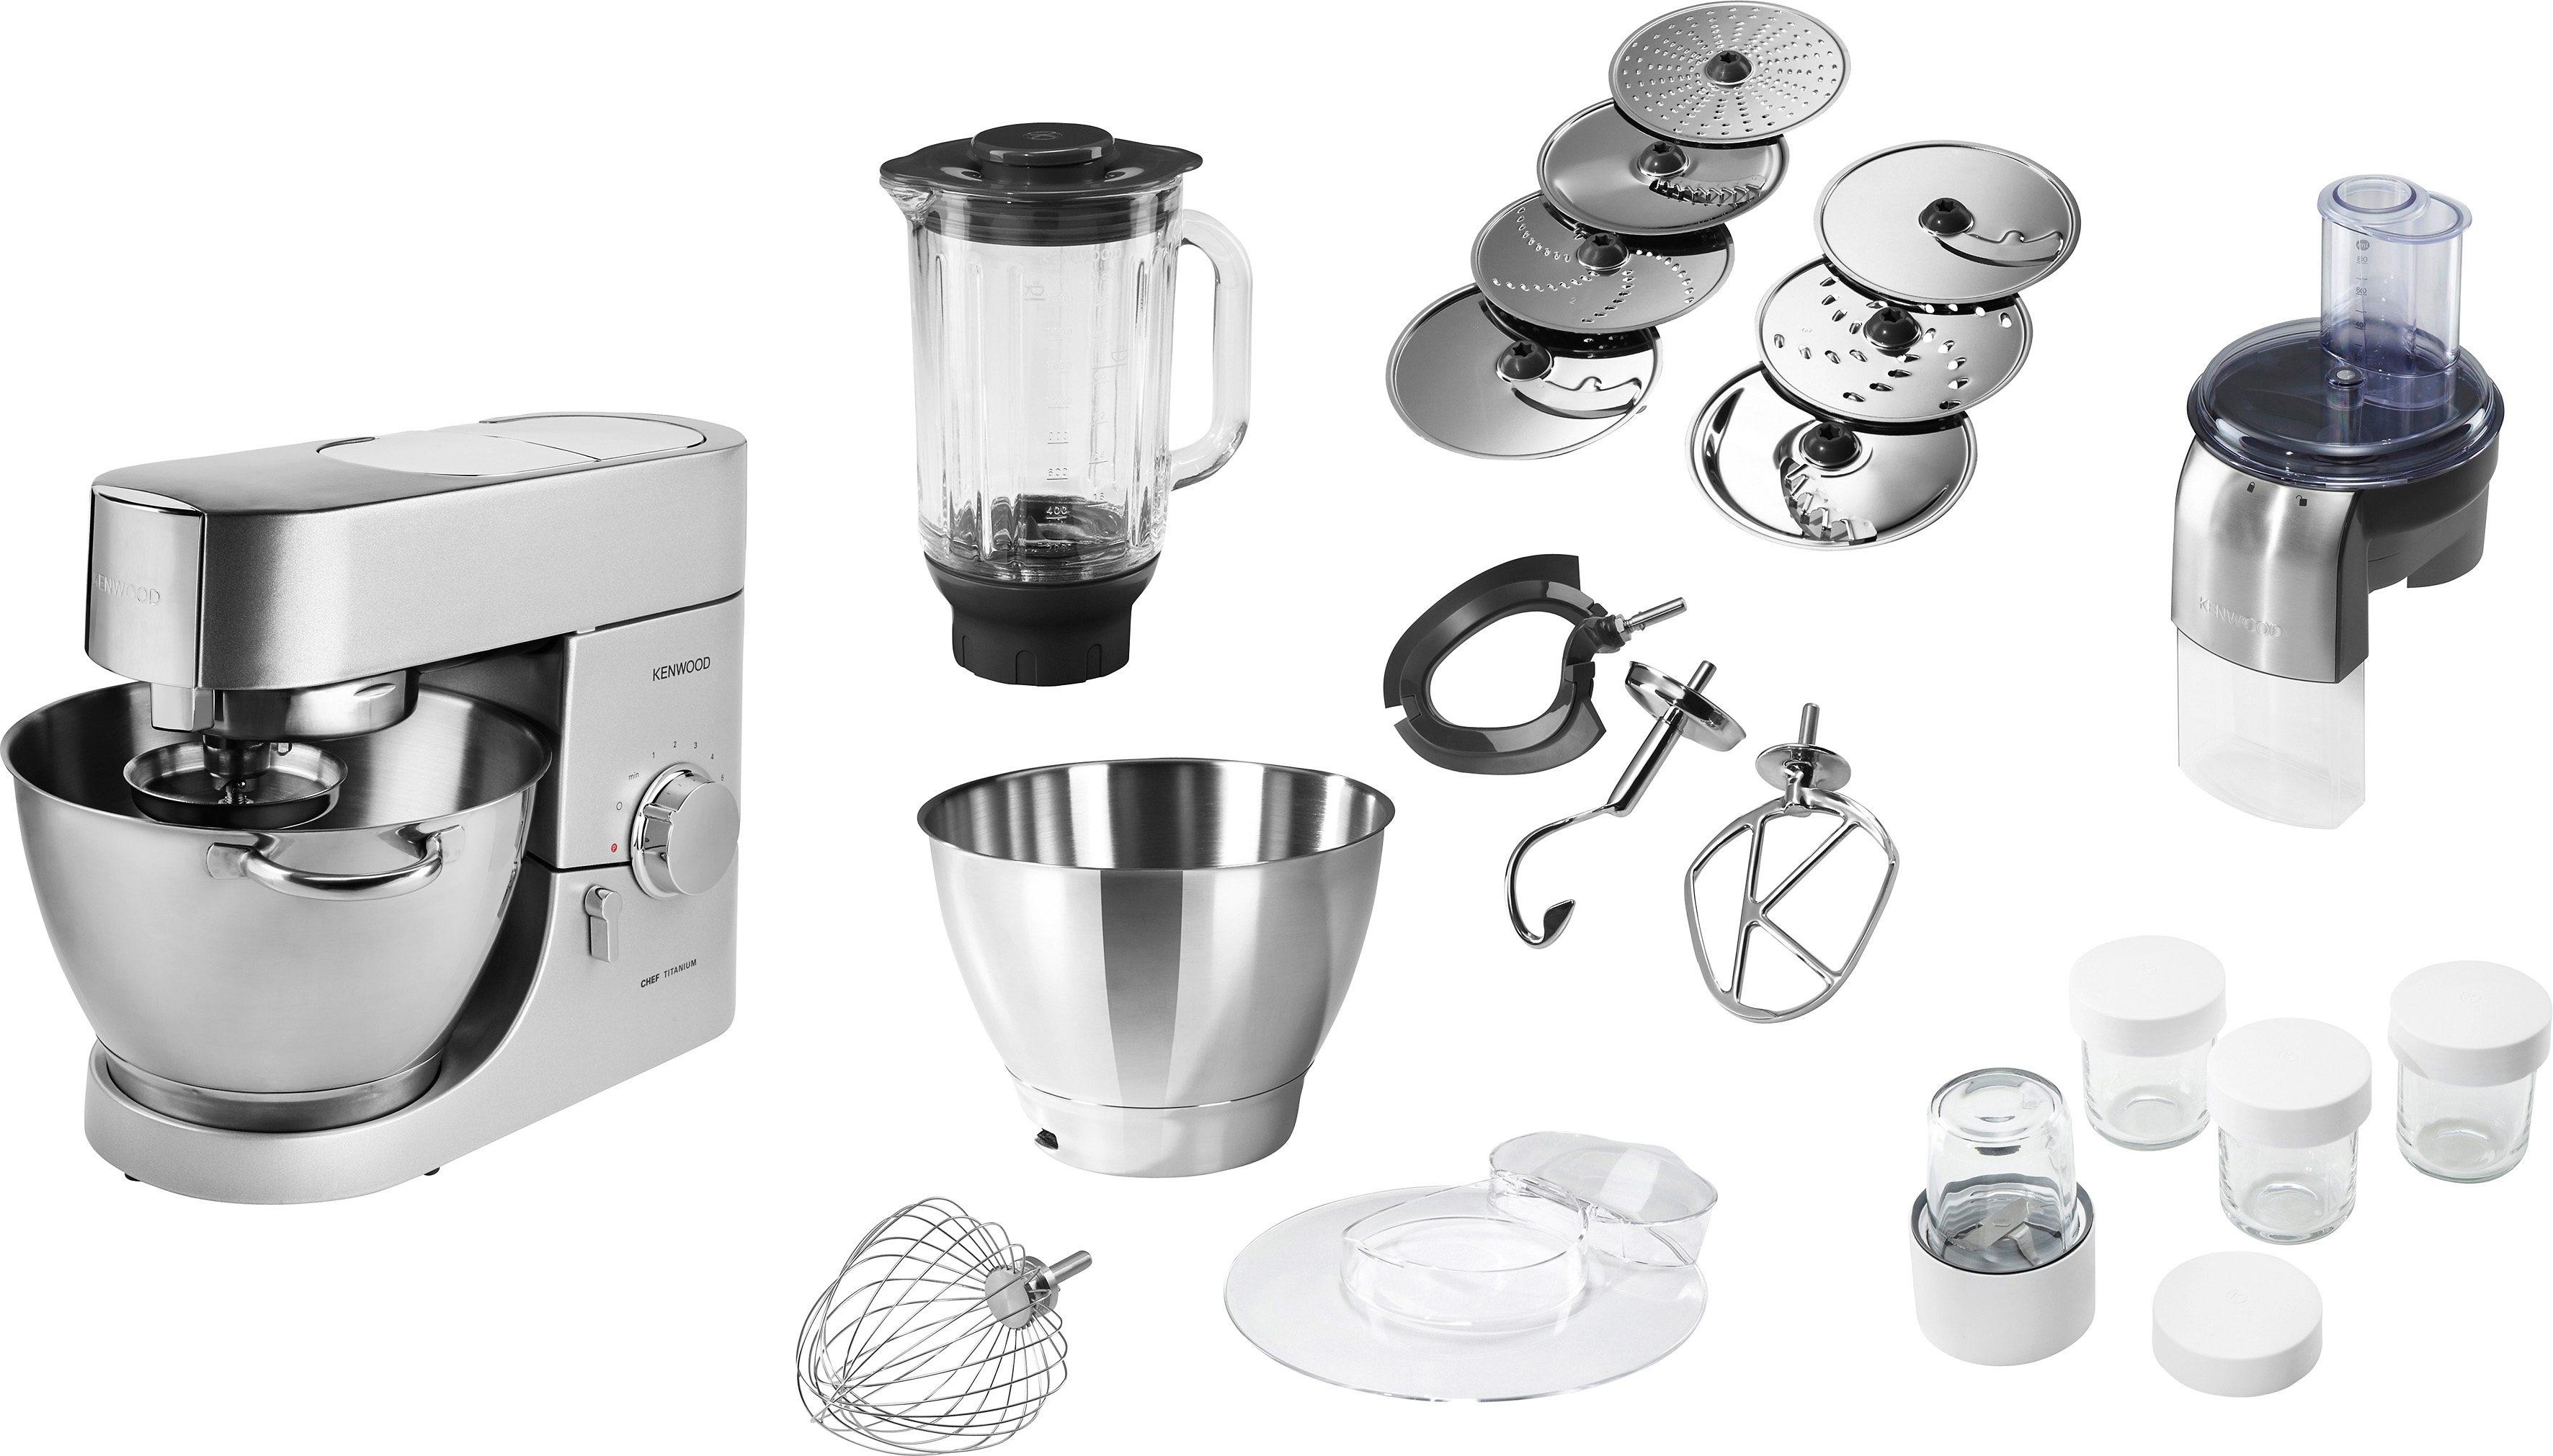 Kenwood Küchenmaschine »Chef KMC050«, 4,6 Liter, inkl. Sonderzubehör im Wert von 250,- €